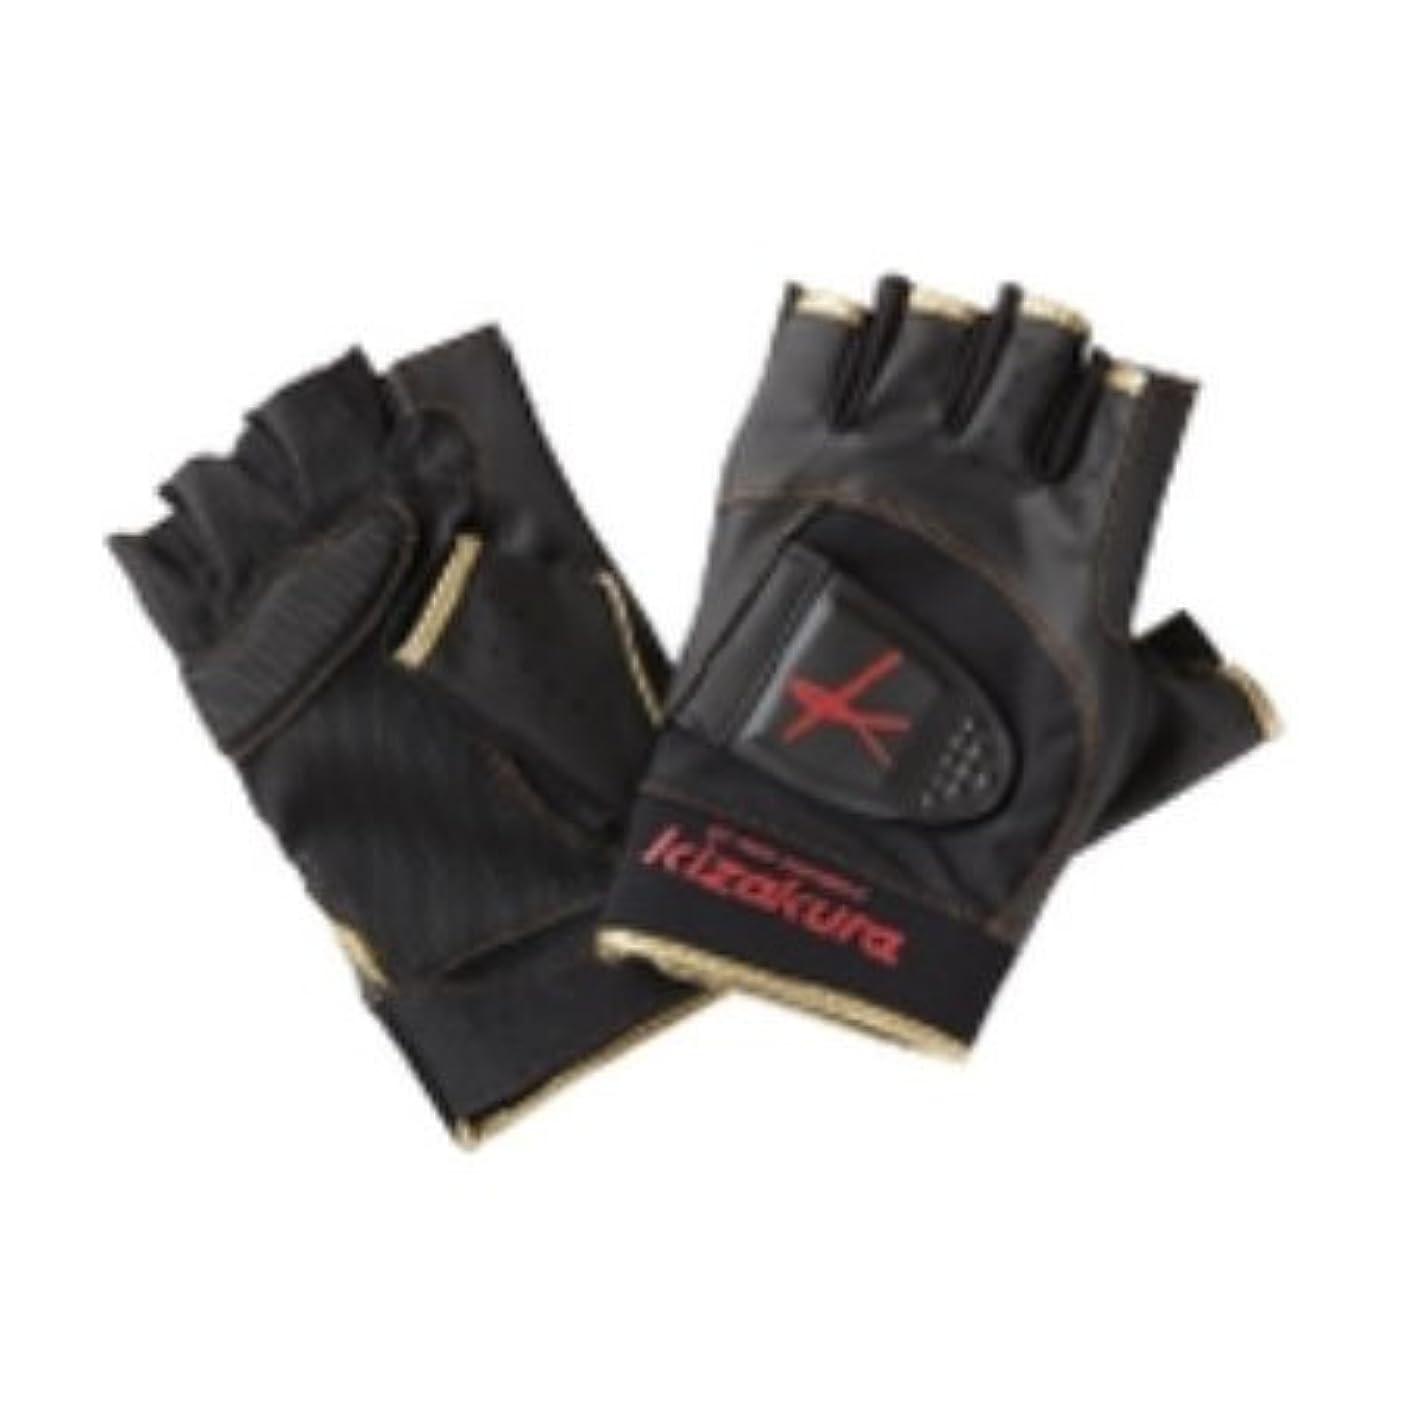 魅力的ガード輝度【KIZAKURA/キザクラ】Kzグローブ Kz-G3 5本カット ウェア グローブ 手袋